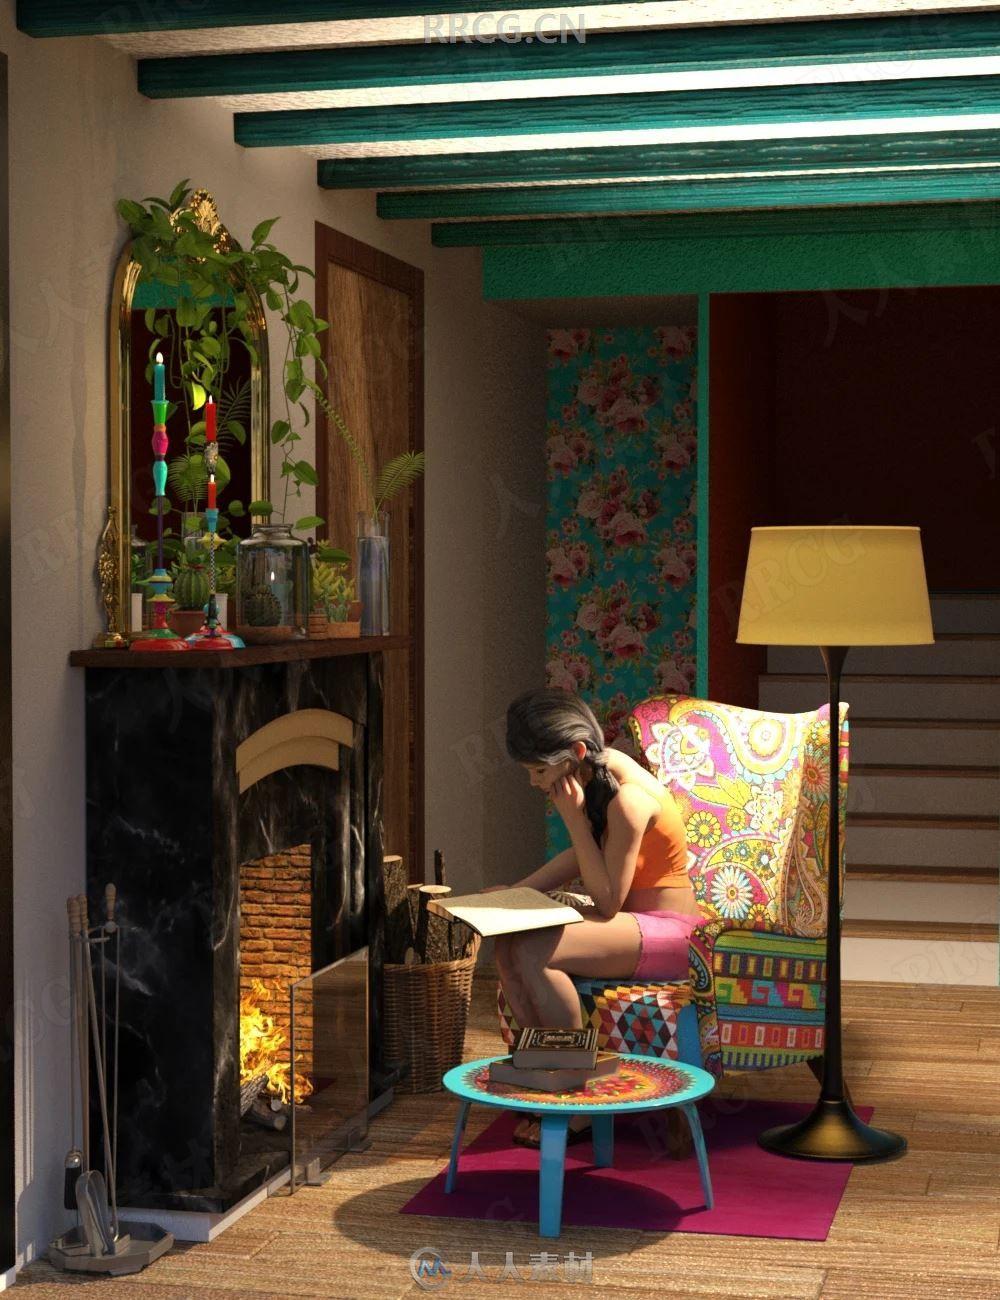 欧美风别墅壁炉室内设计3D模型合集